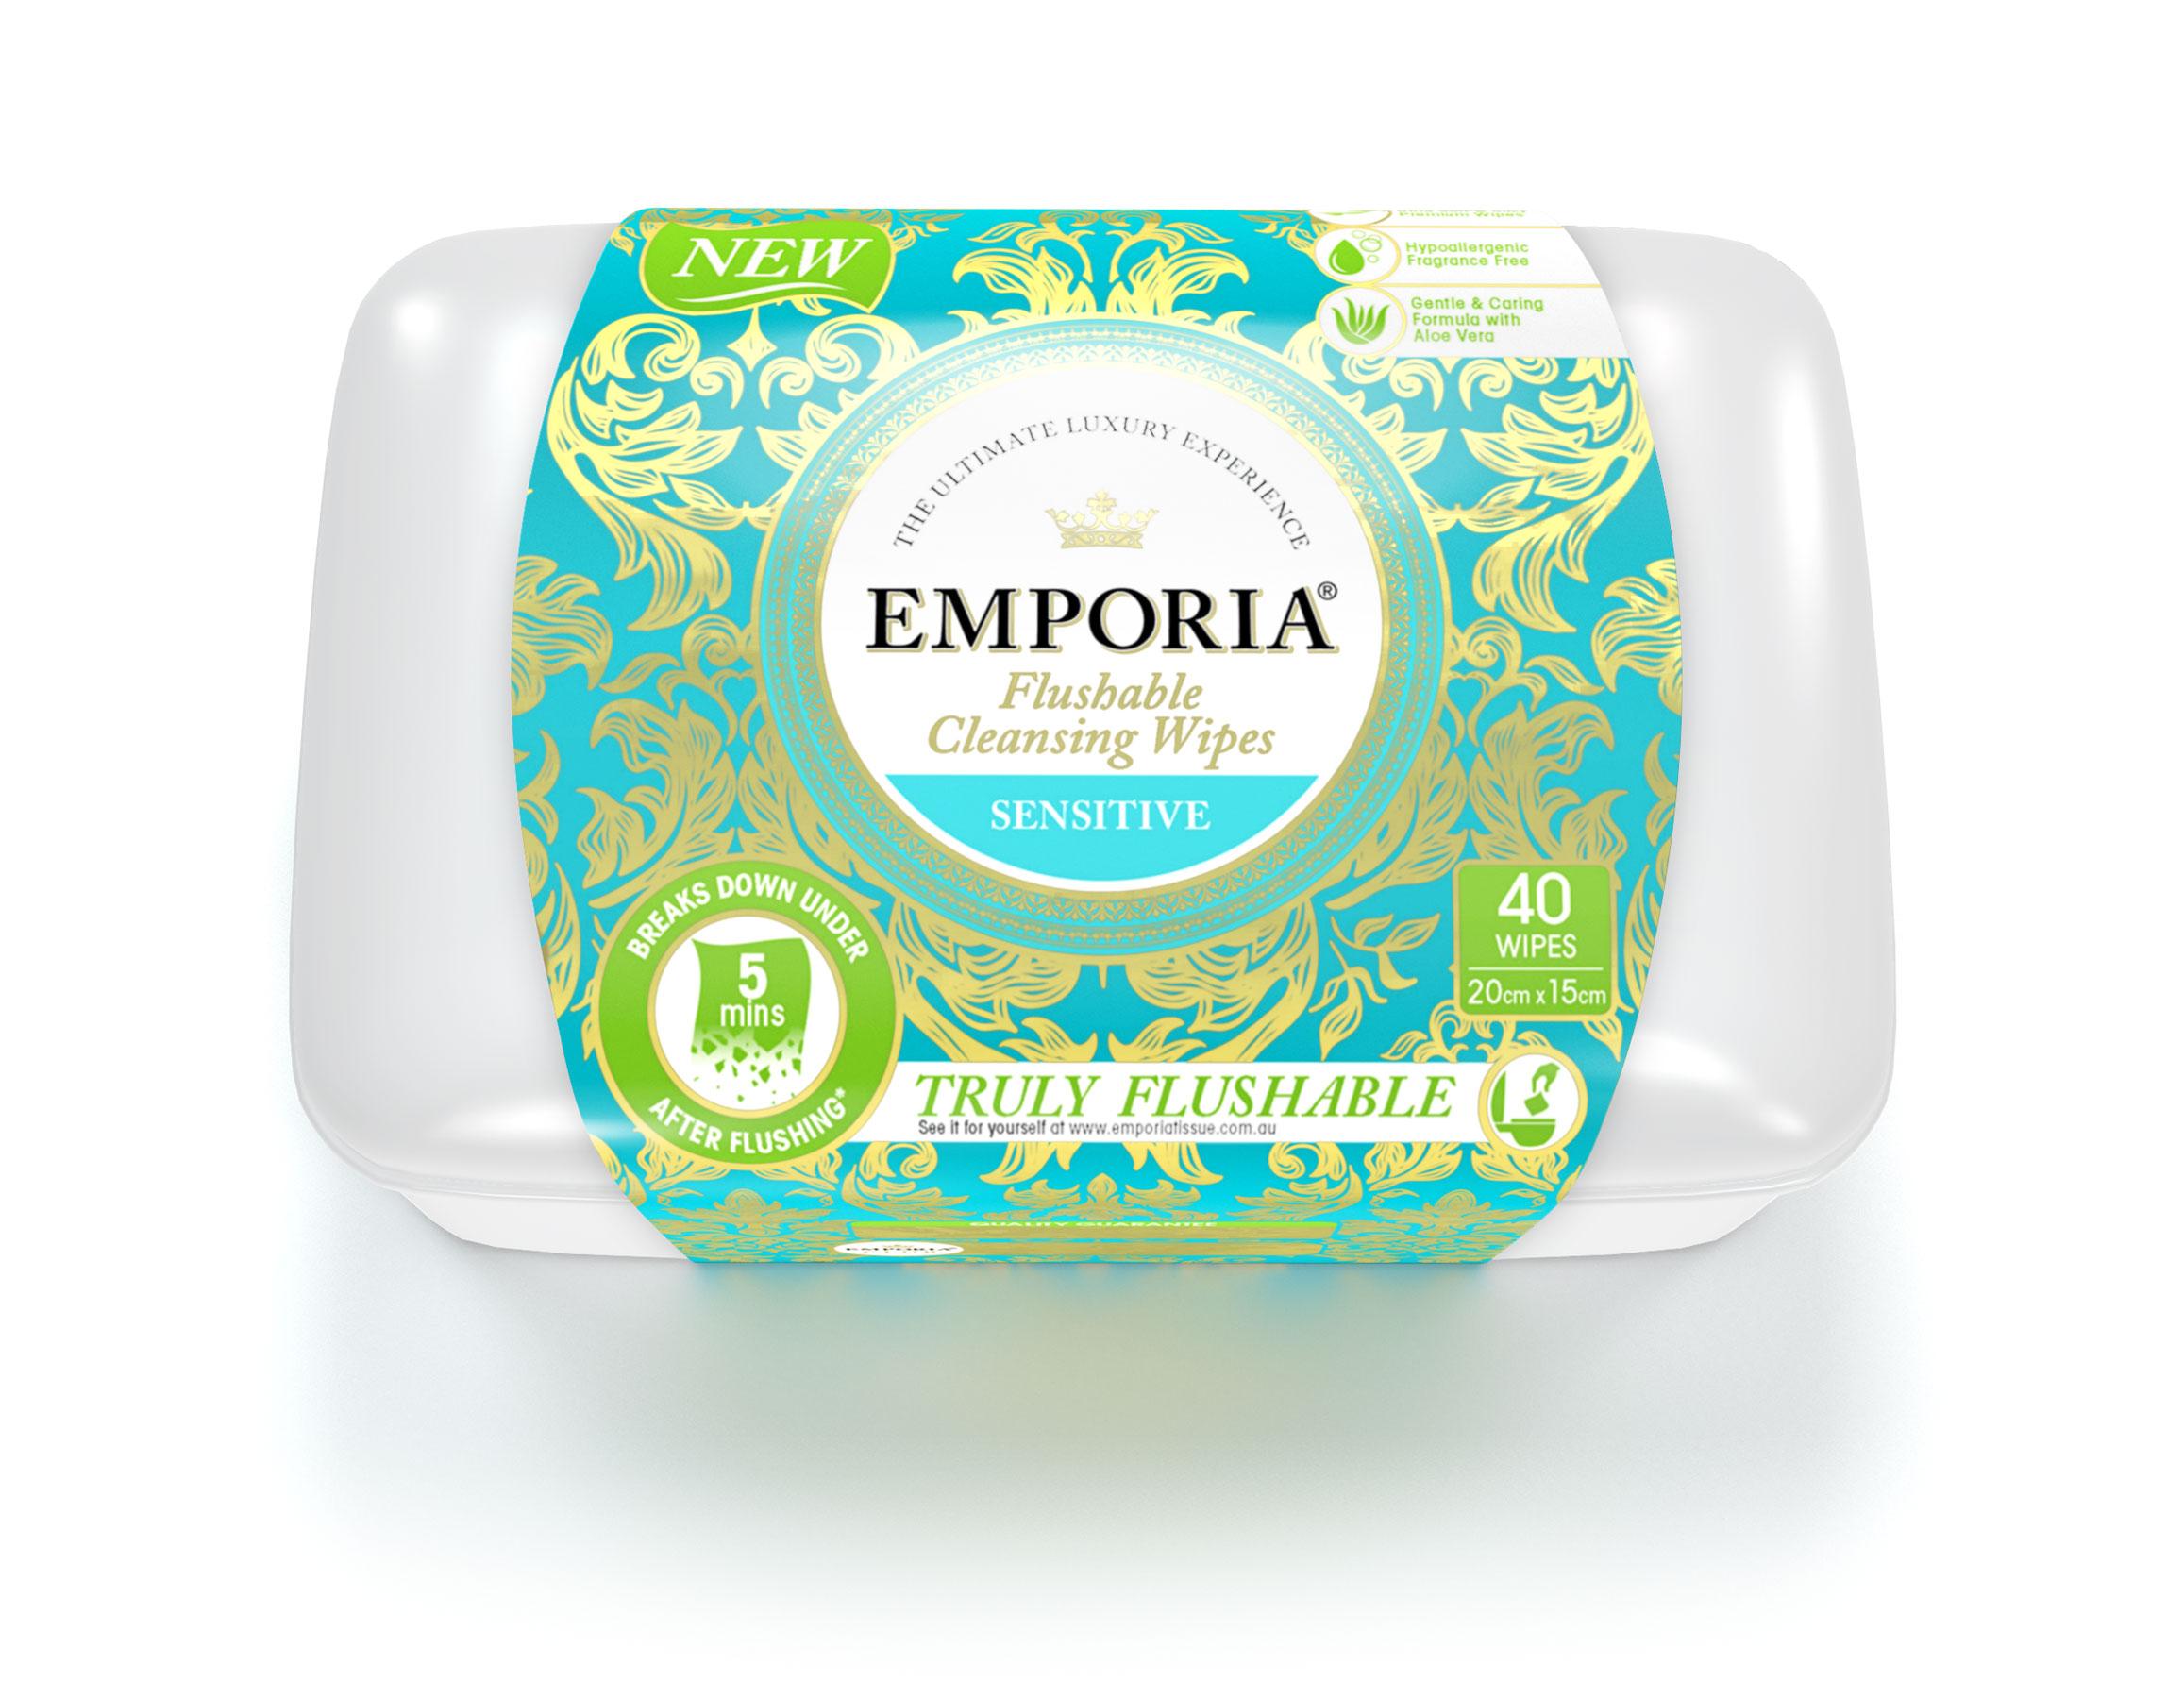 Emporia-Tub-Master-render